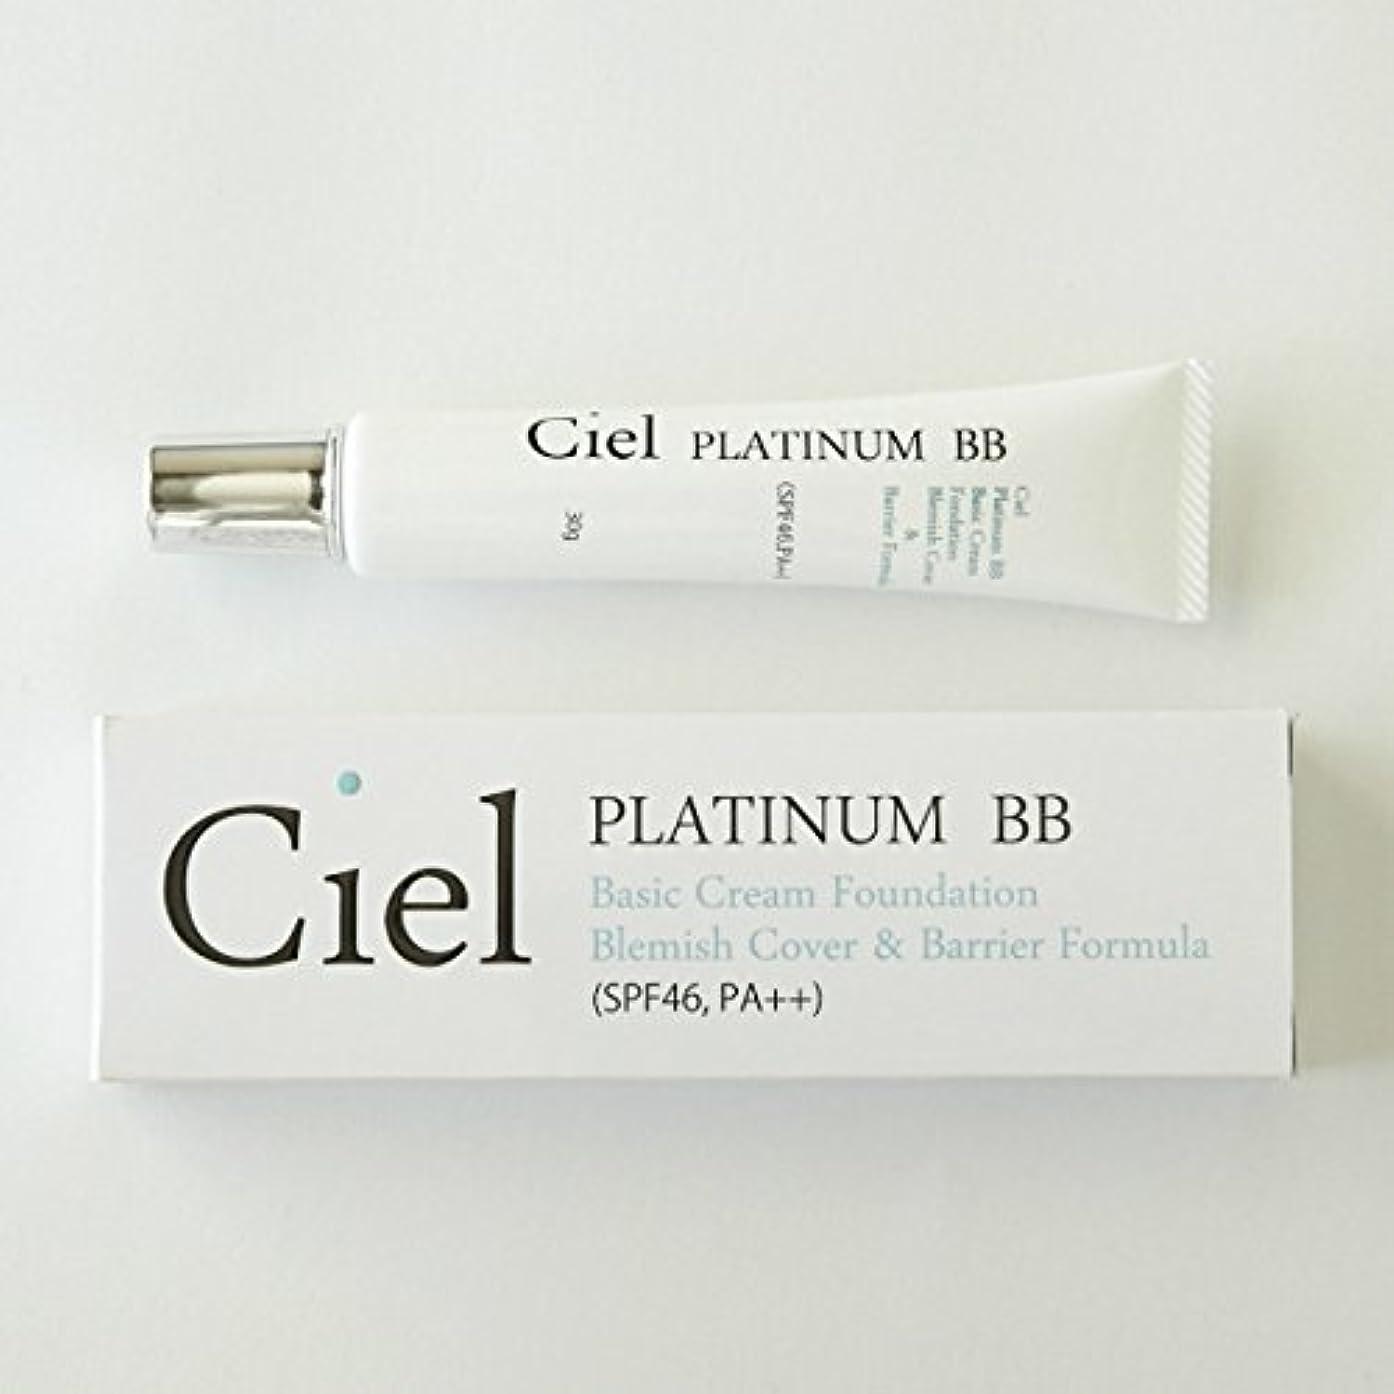 最悪無臭あらゆる種類のCiel Salon de Beaute Ciel PLATINUM BB SPF46 BBクリーム ファンデーション 日本製 日焼け止め